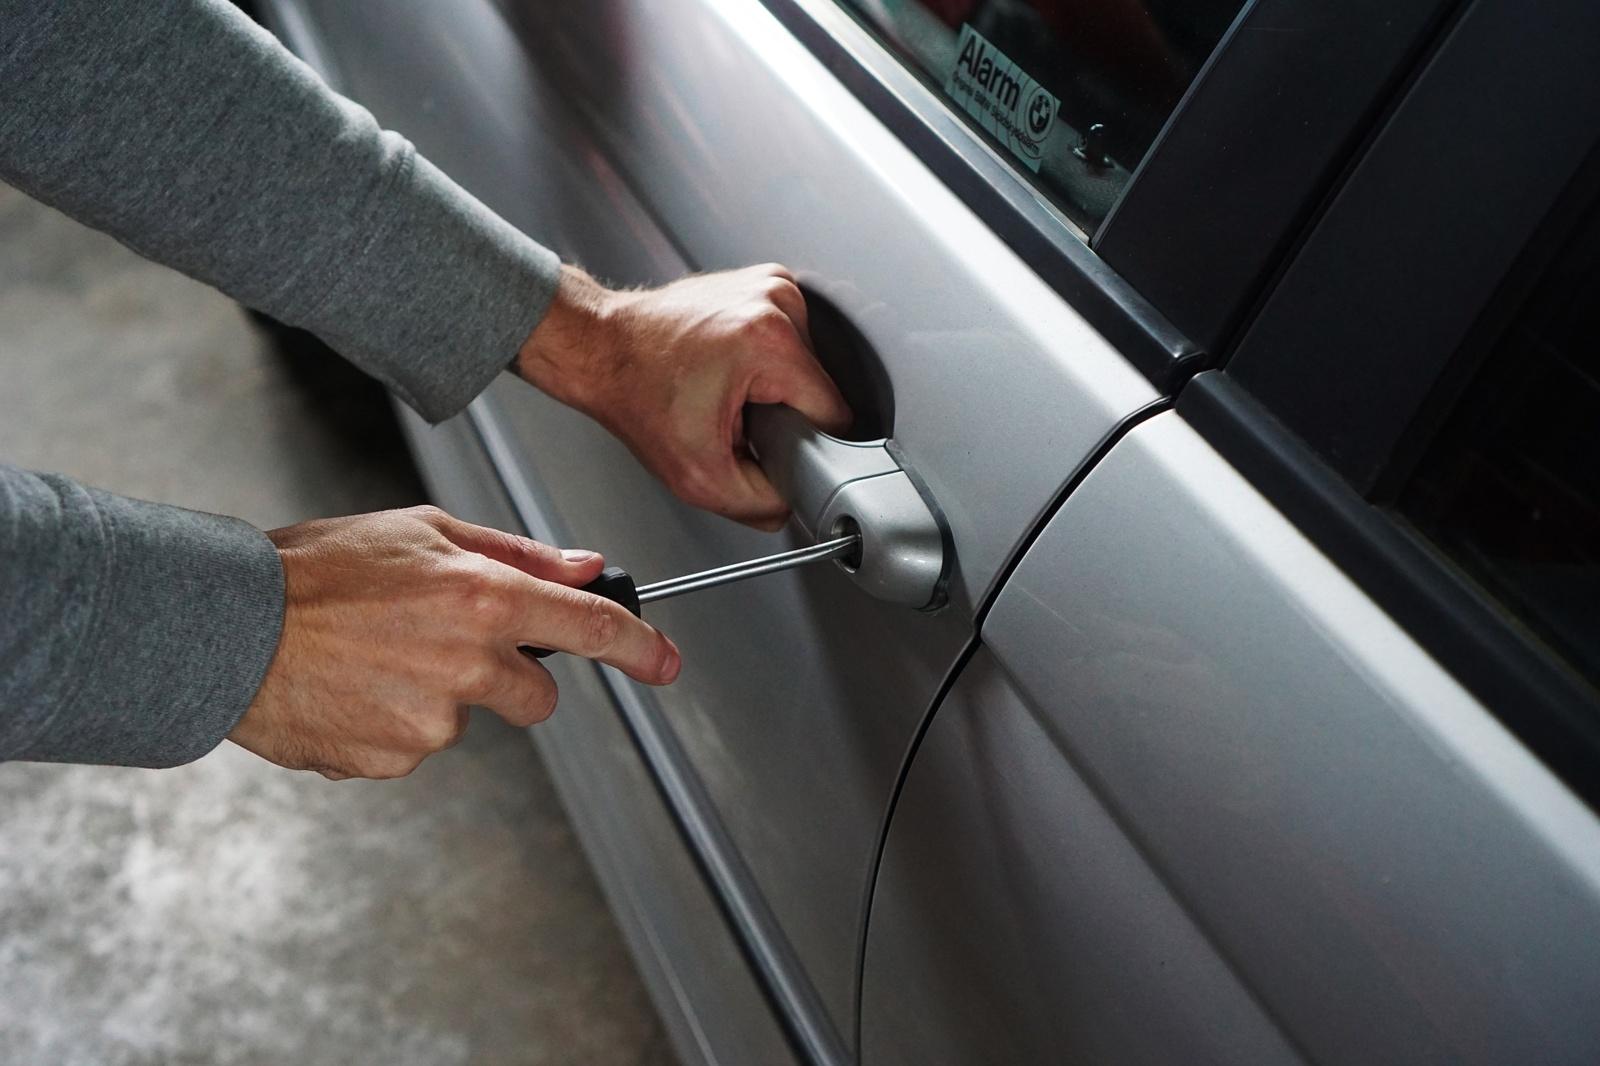 Klaipėdoje apvogtas automobilis BMW, nuostolis – 15 tūkst. eurų